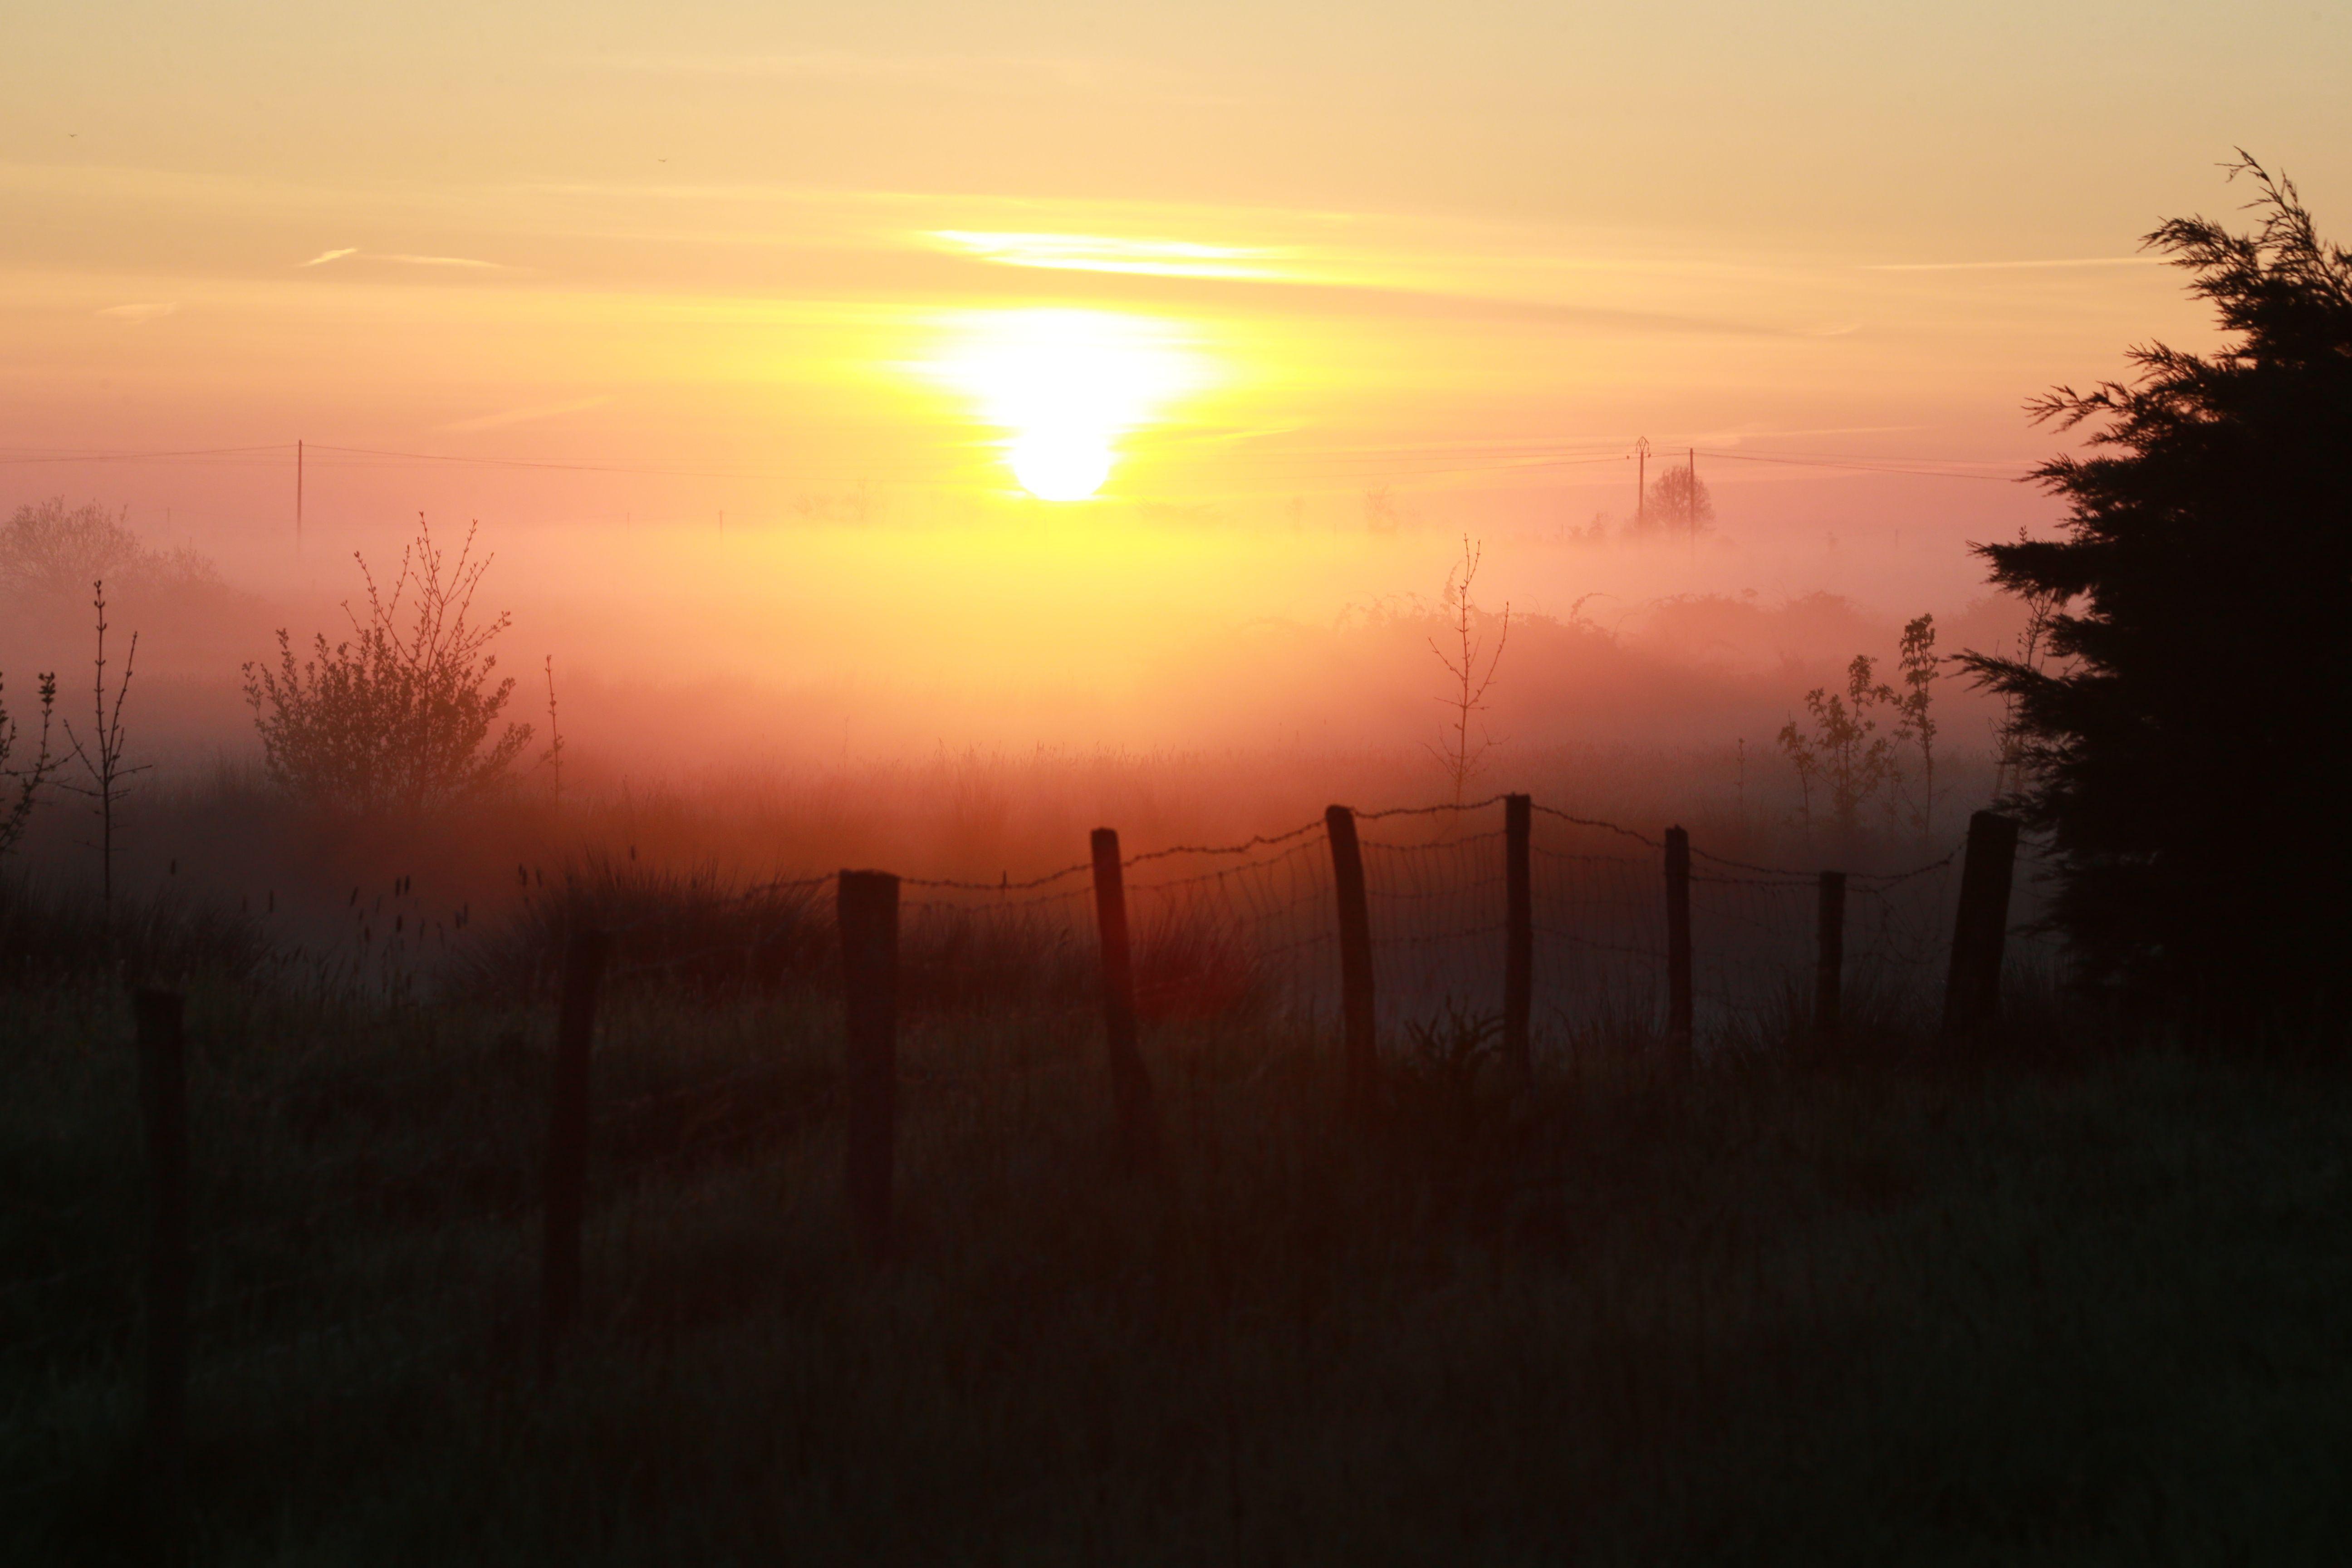 Soleil couchant sur le marais.